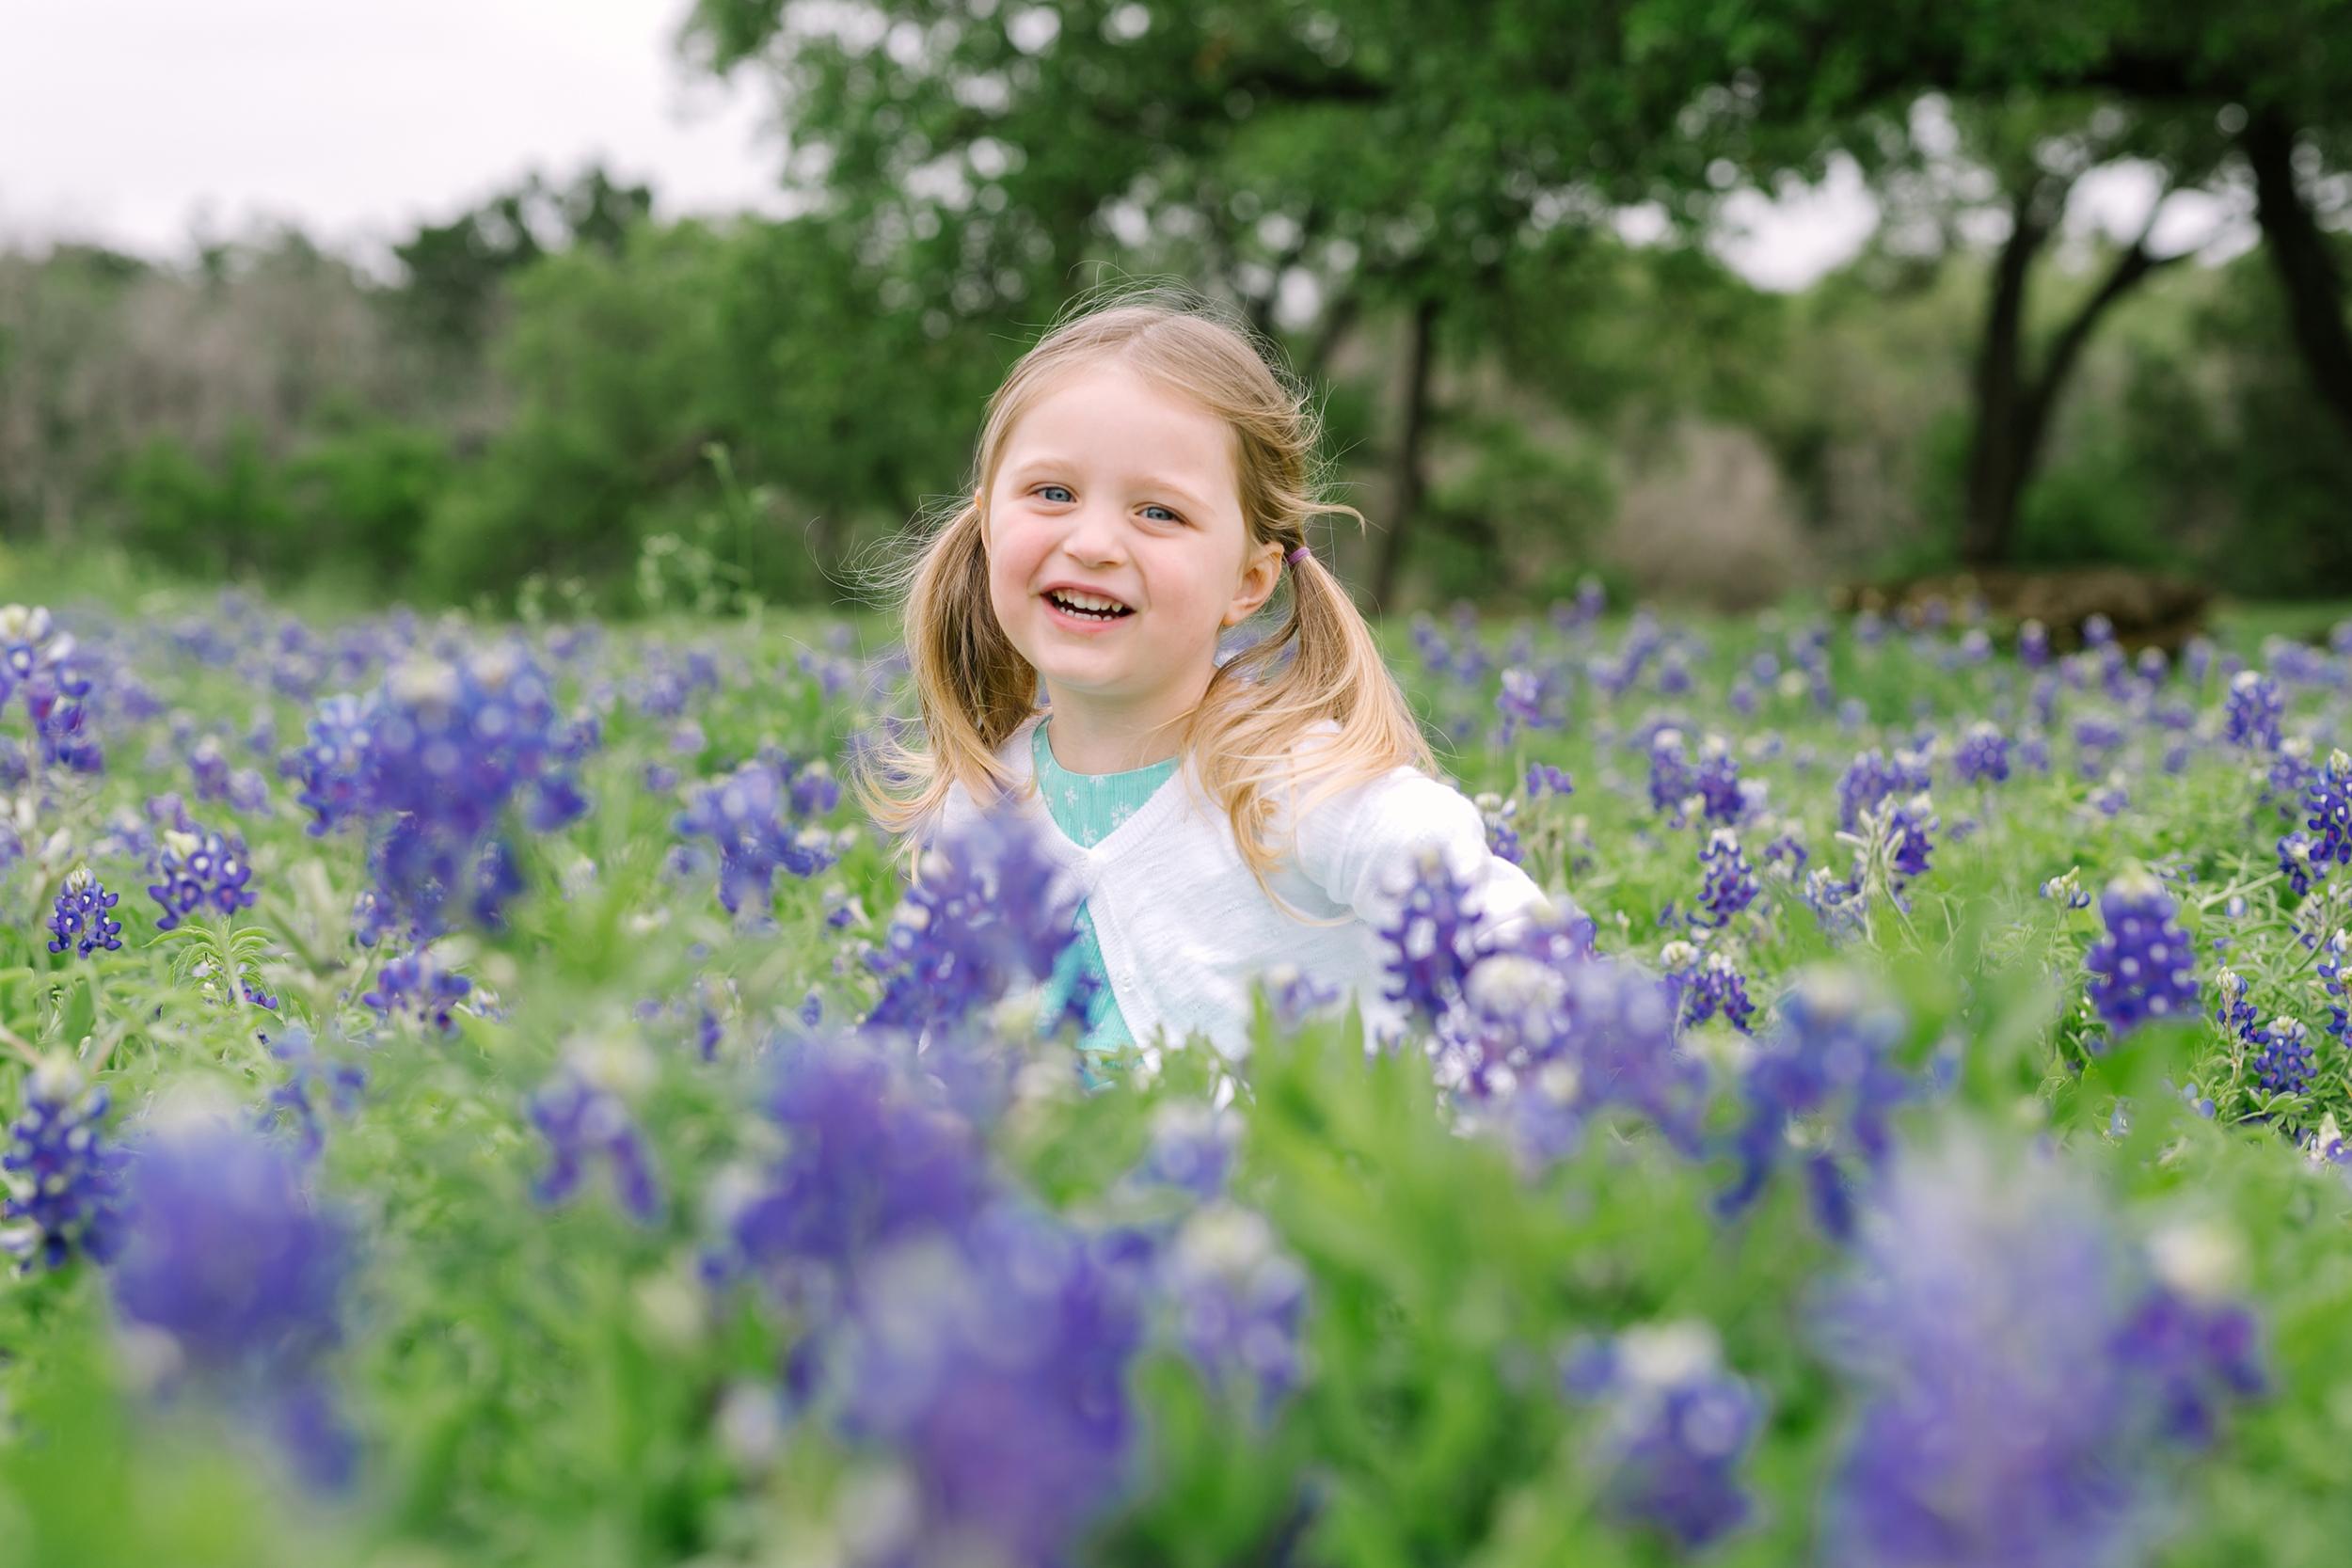 Austin_TX_Family_Photographer_KBP098.jpg